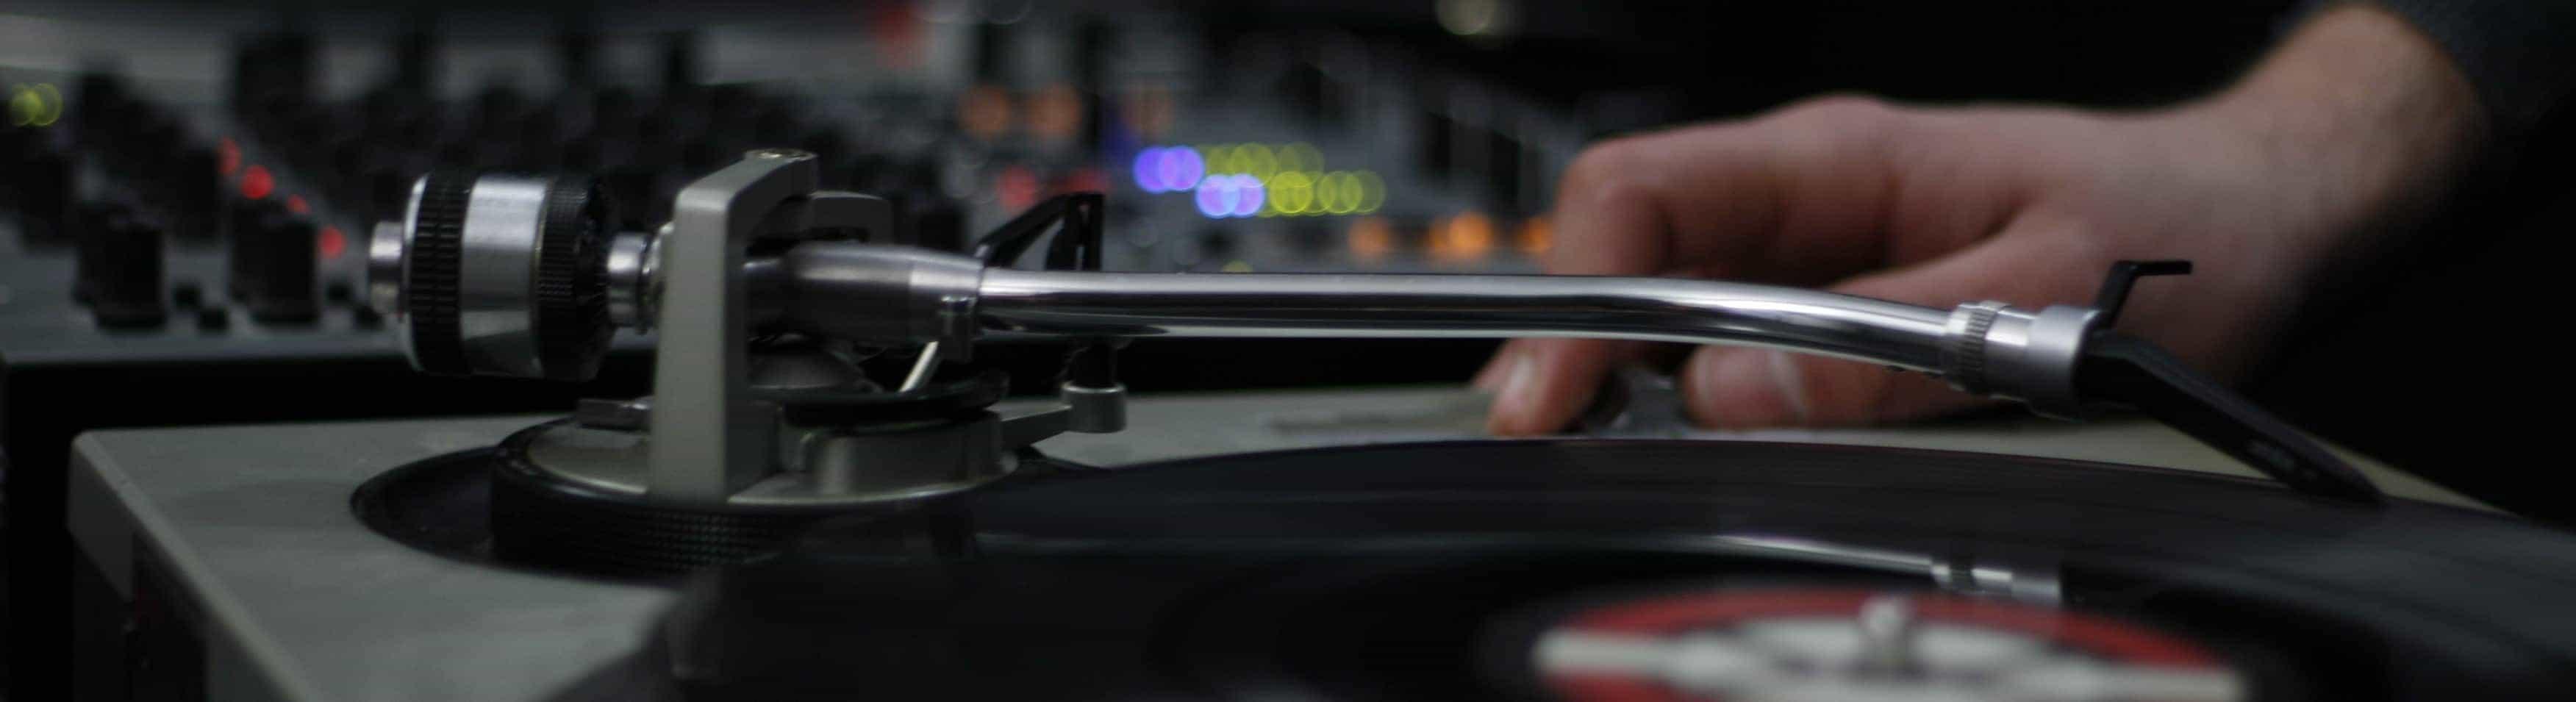 Verhuur van een geluidsinstallatie in Antwerpen